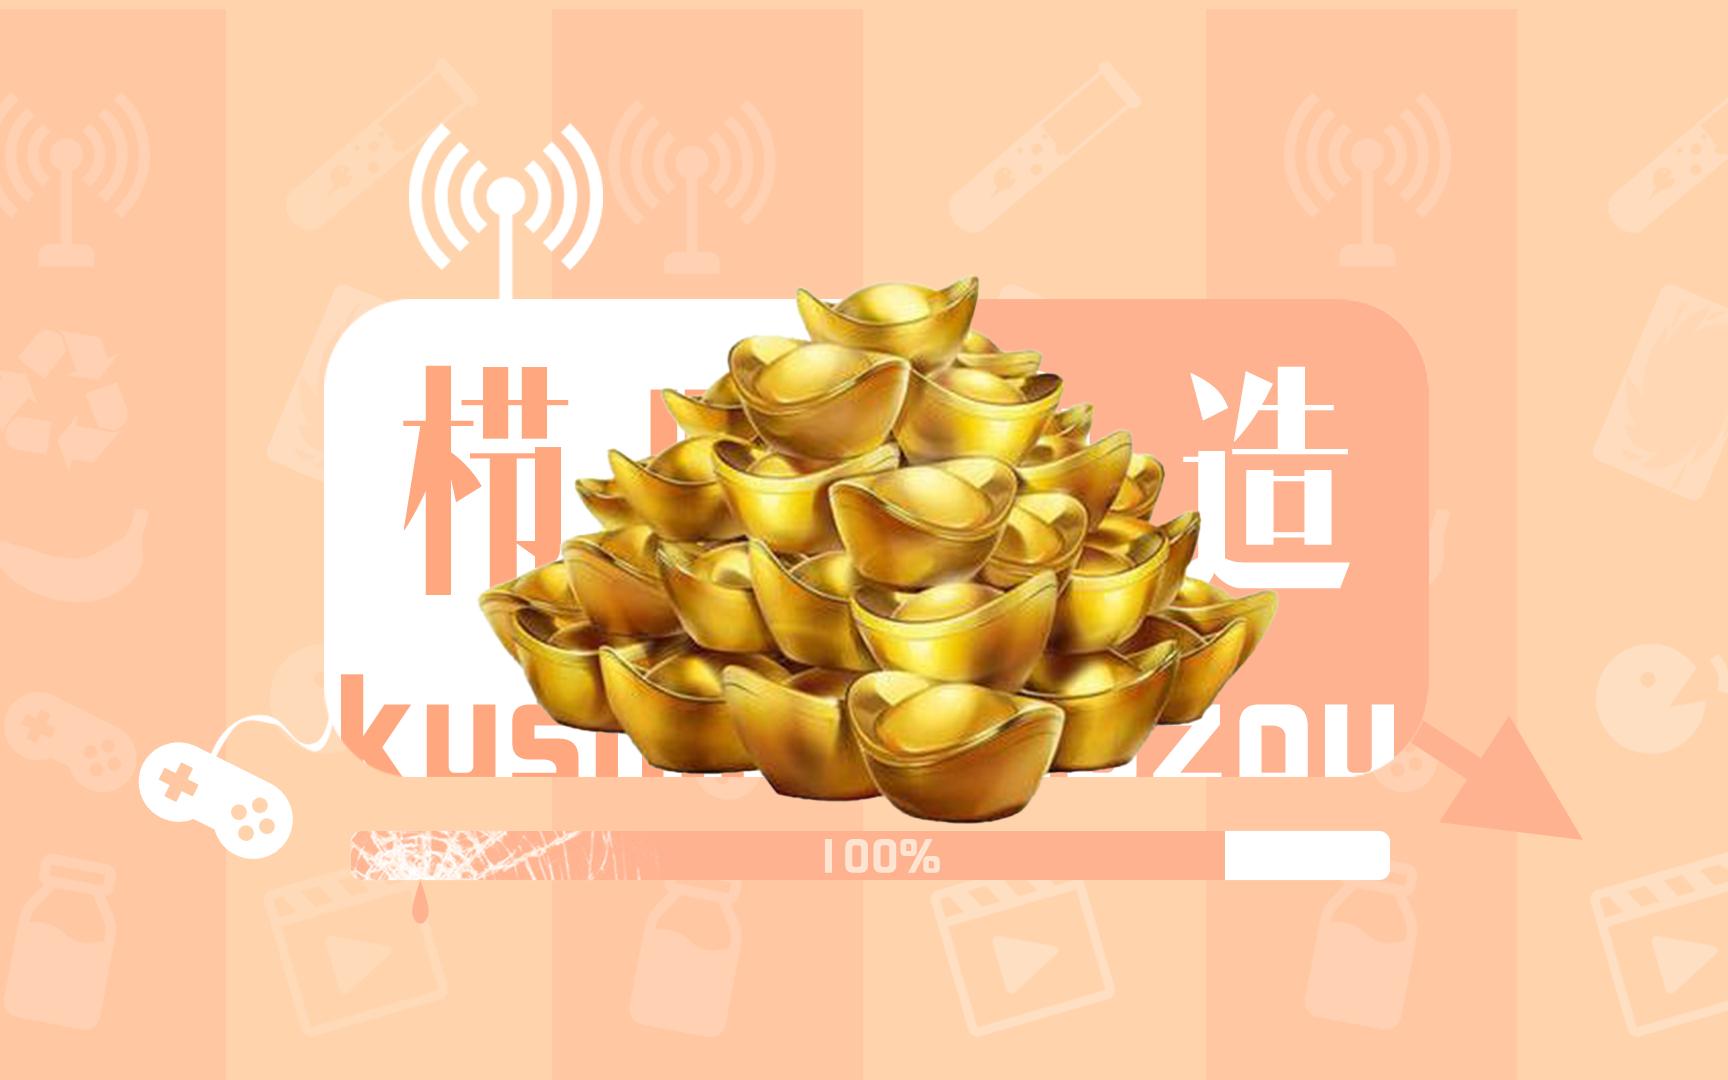 【黄毛鉴宝#0】都是好玩意儿啊,拿回去玩【栉叶构造丨kushiha】